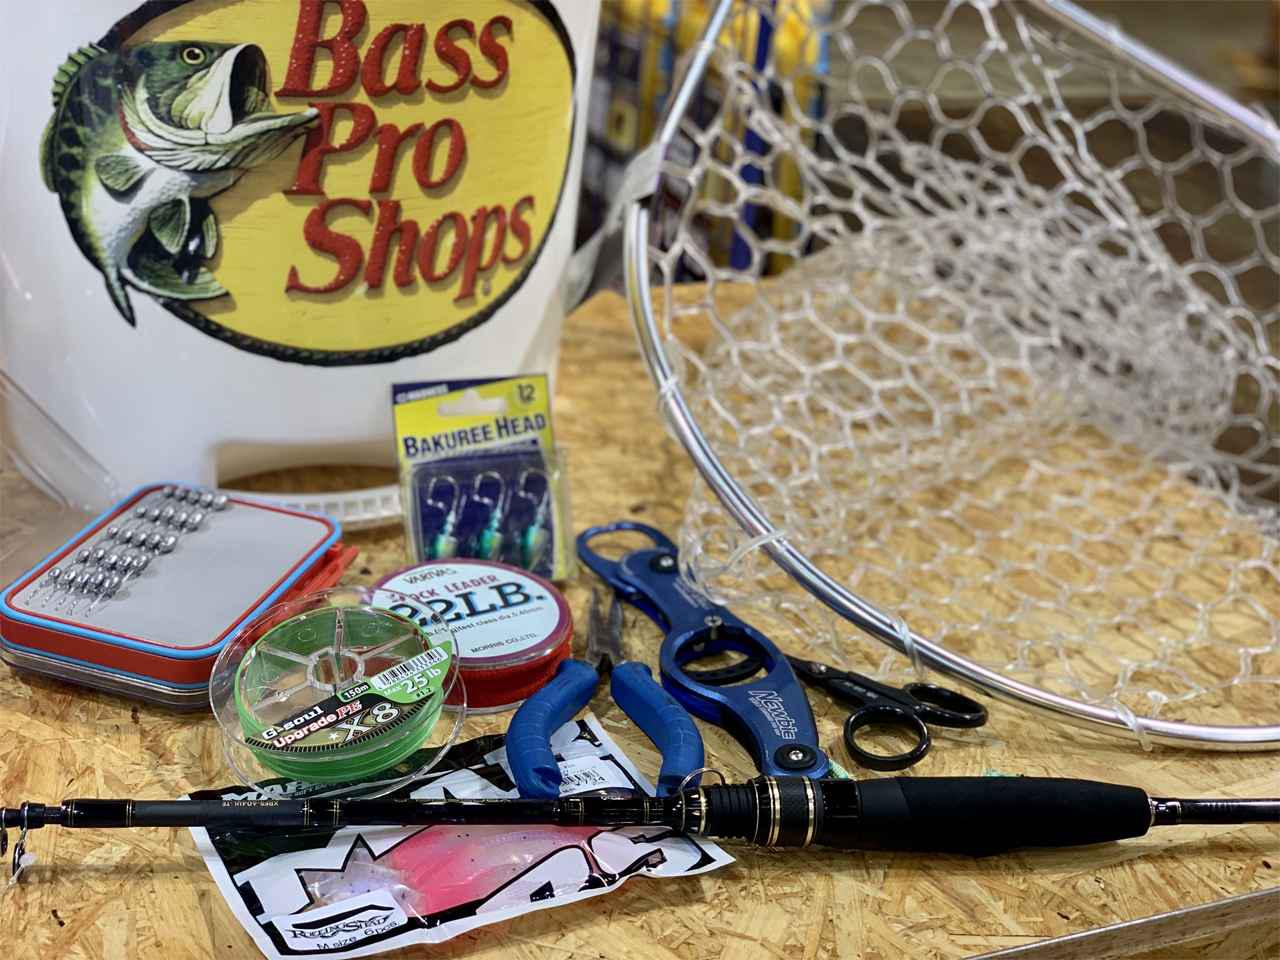 画像: 今夏は家族で釣りキャンプに挑戦しよう!まず最初に揃えるものは? - ハピキャン(HAPPY CAMPER)